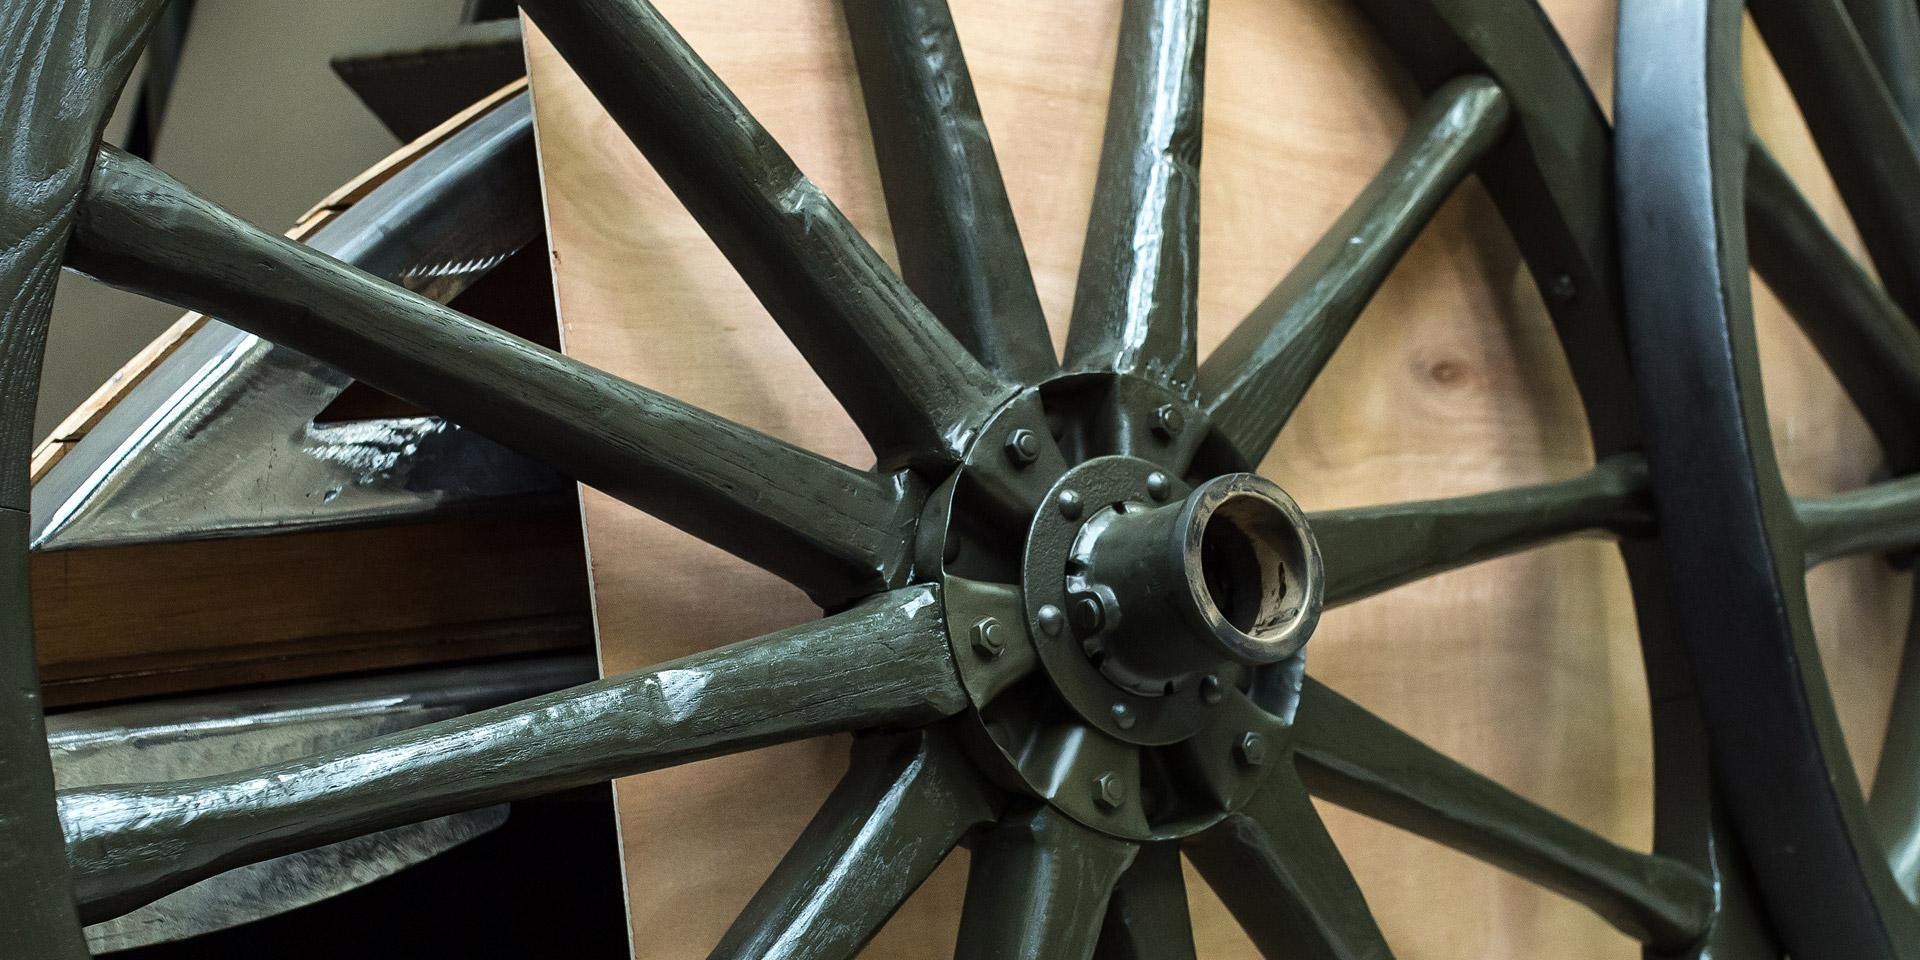 Wheels from a field gun